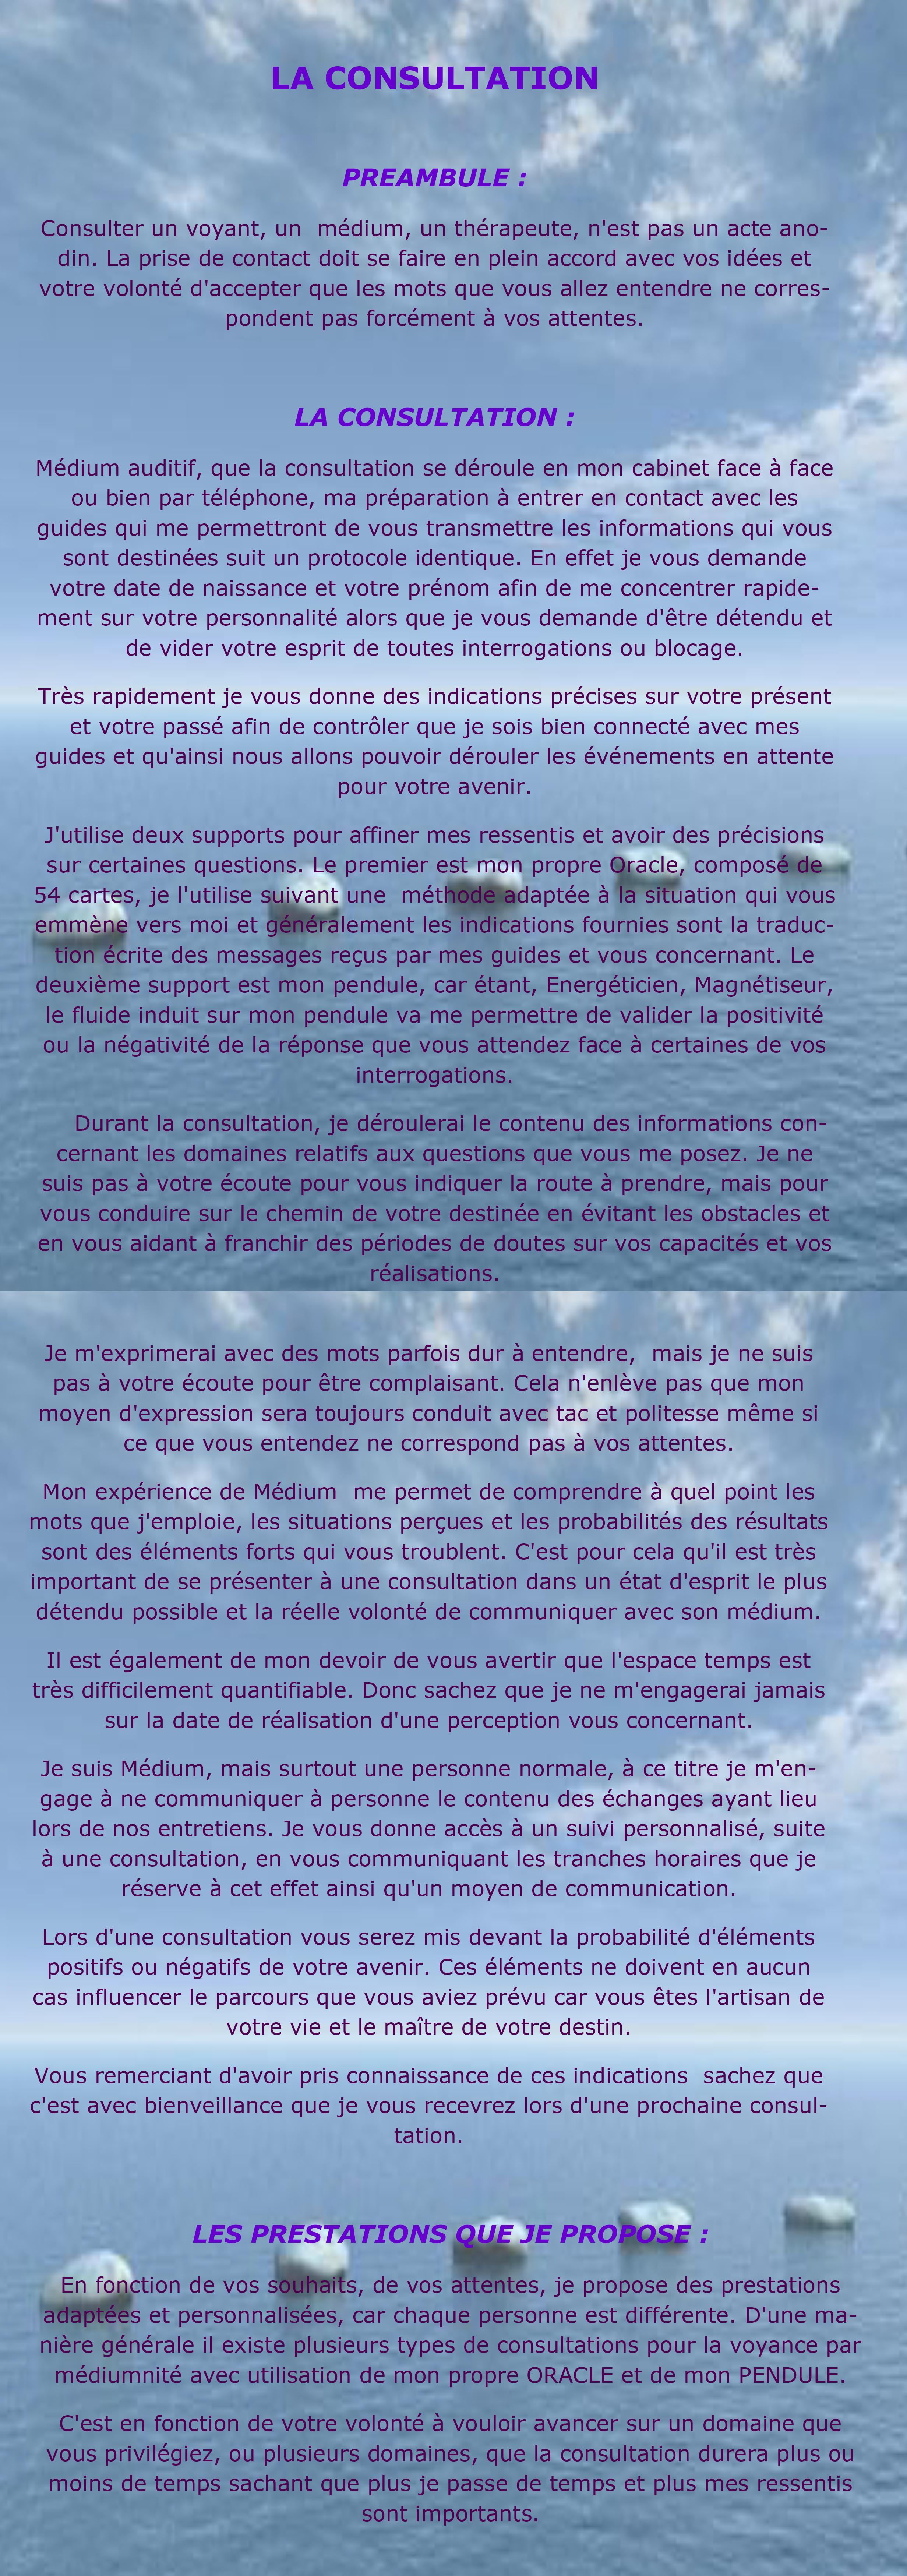 consultation_01